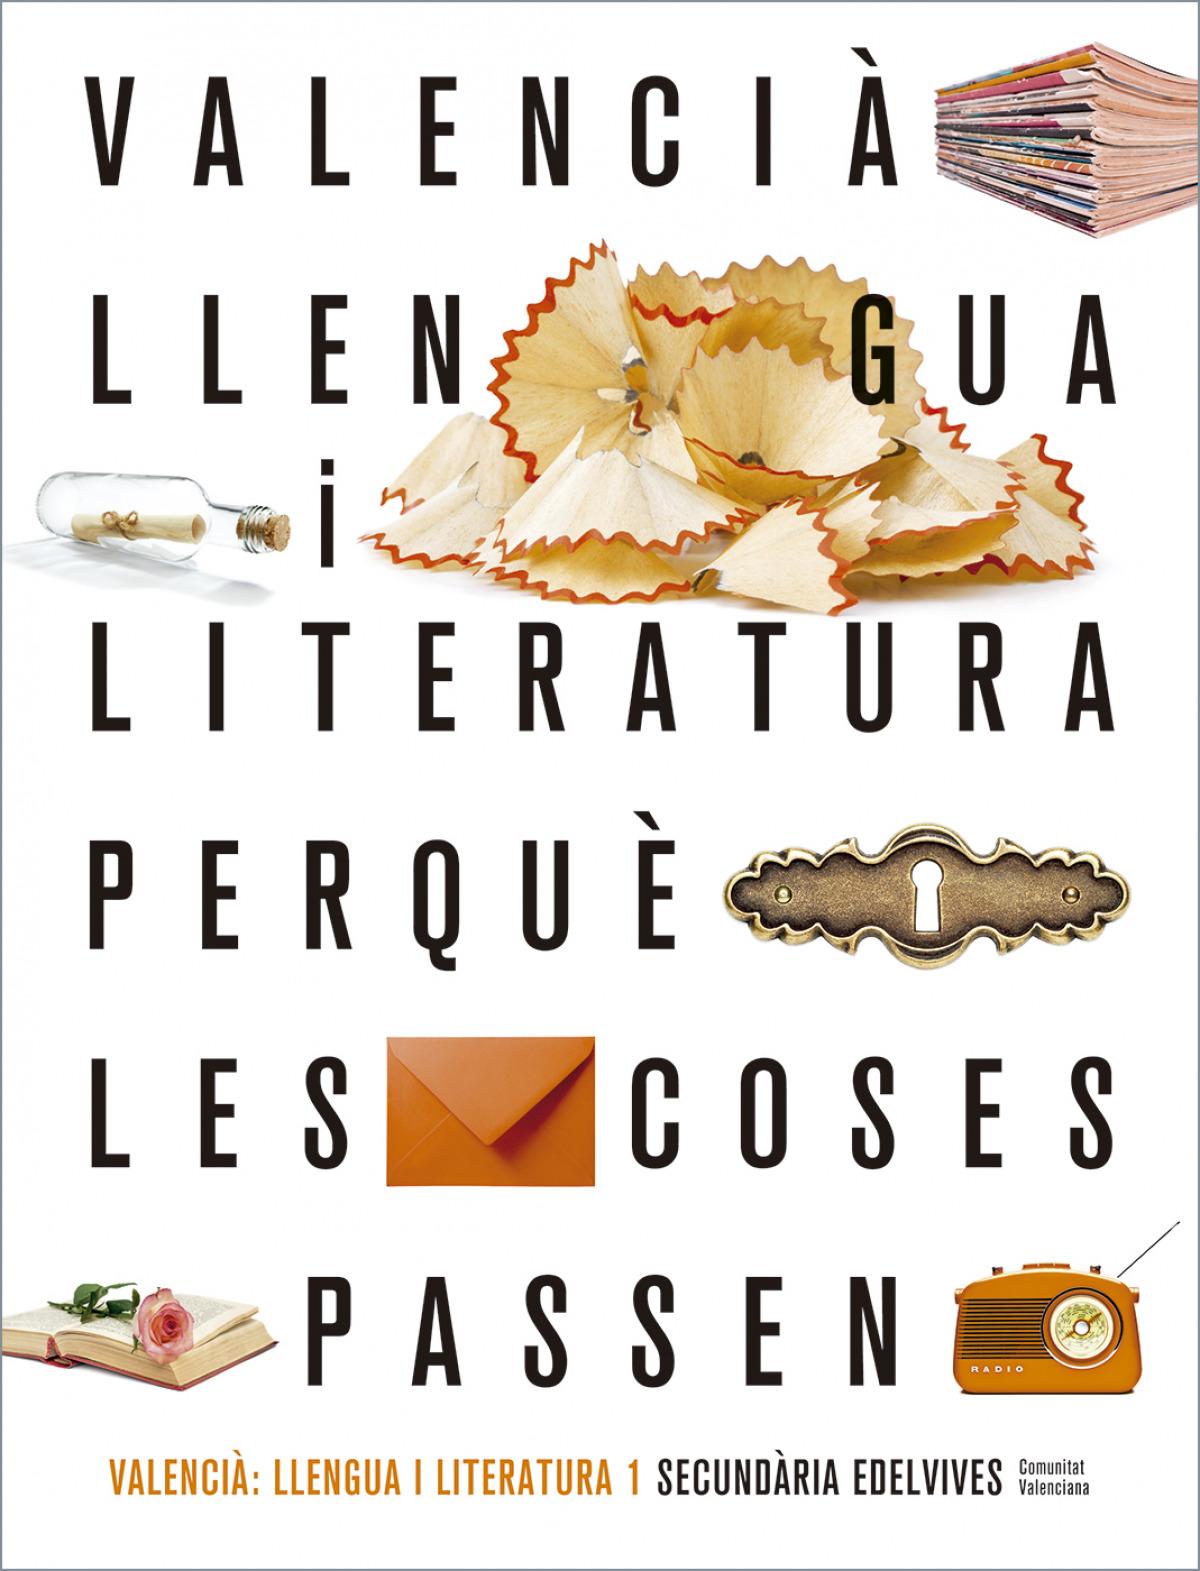 Projecte Perquè les coses passen - Valencià : Llengua i Literatura 1